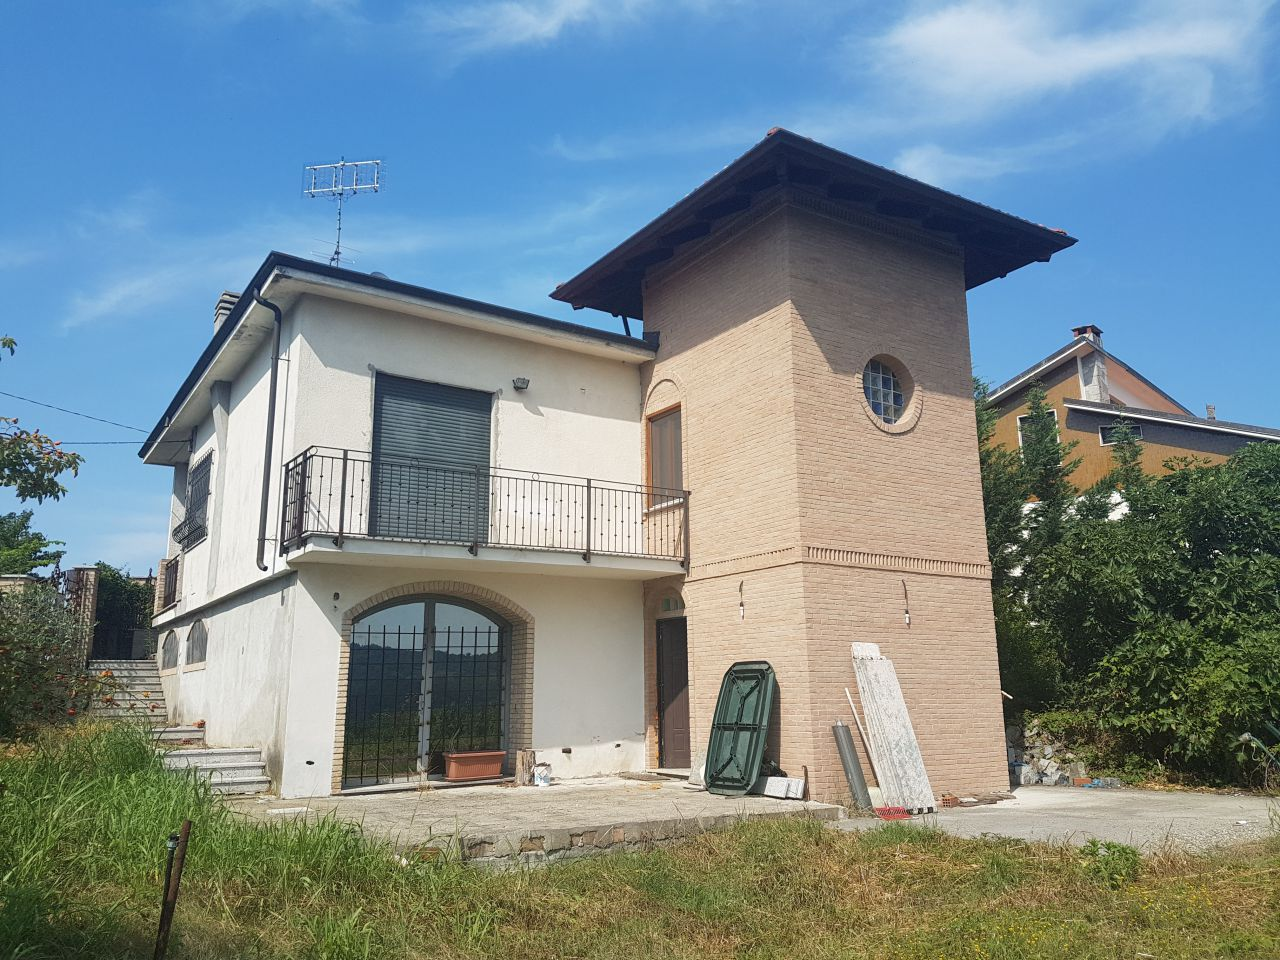 Soluzione Indipendente in vendita a Lauriano, 6 locali, prezzo € 170.000 | CambioCasa.it